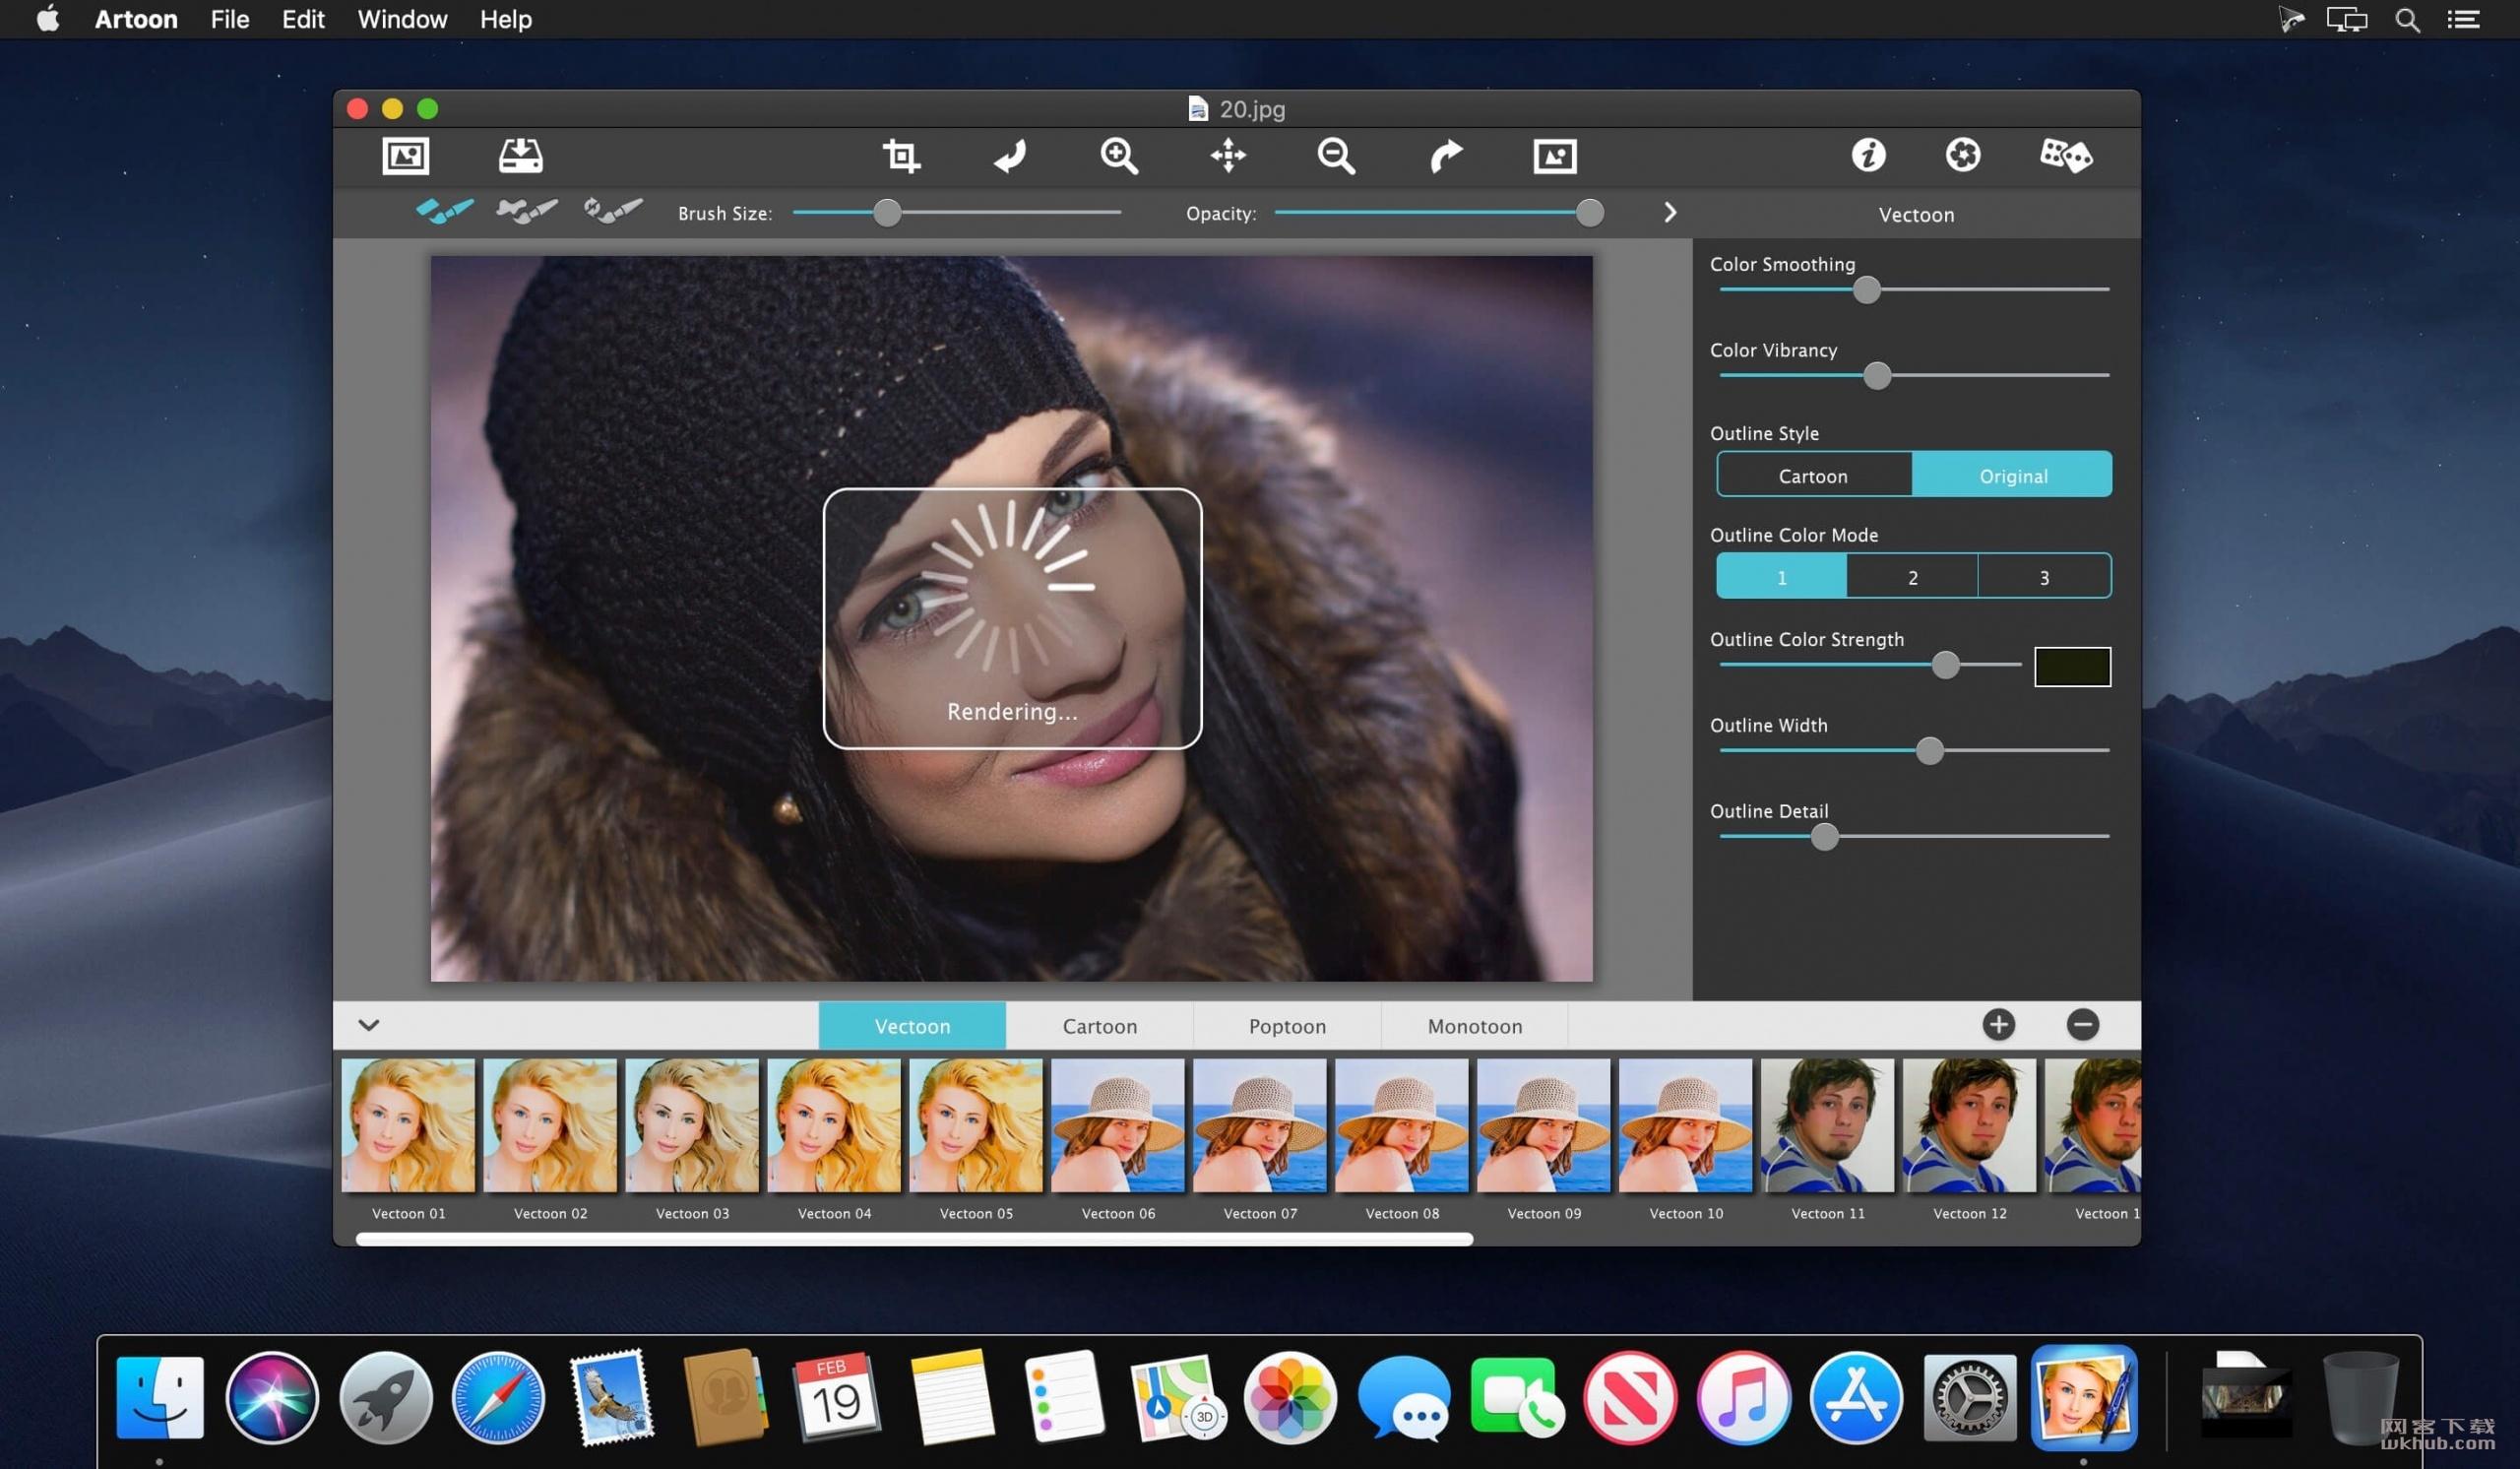 JixiPix Artoon 1.11 照片卡通效果制作工具